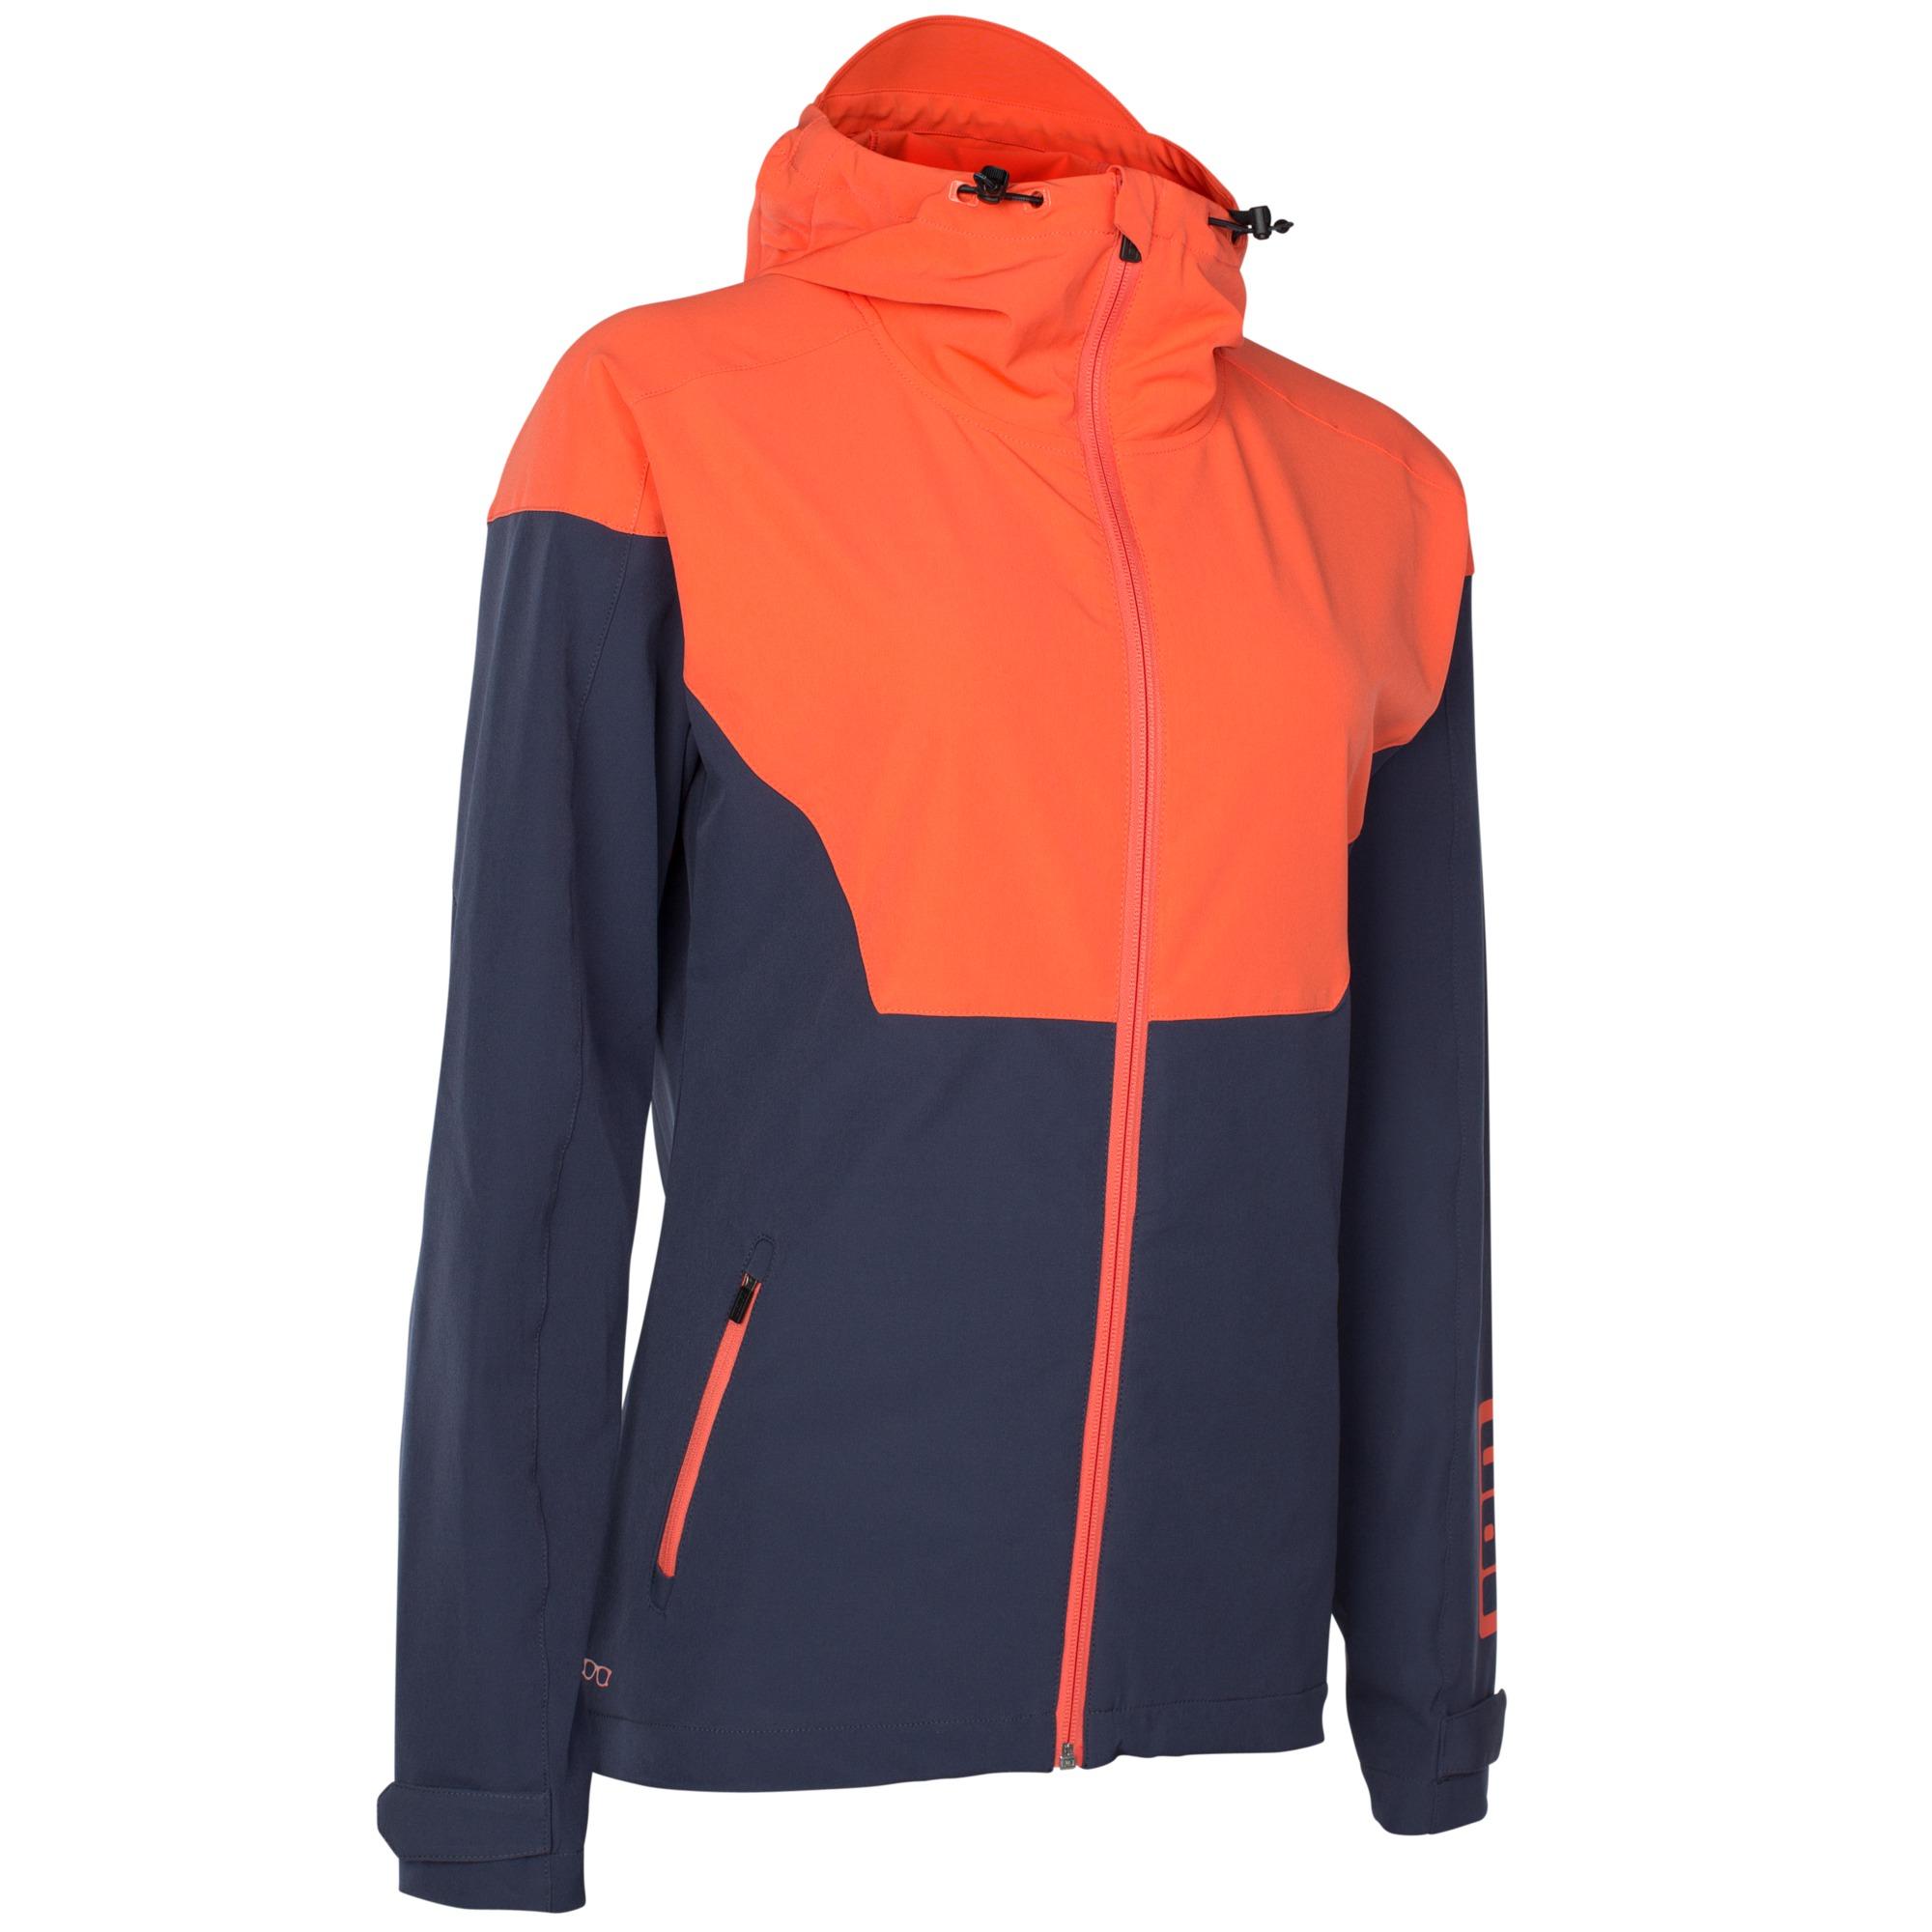 dec37941ce696 ION Softshell Jacke Shelter - coral - Damen online kaufen